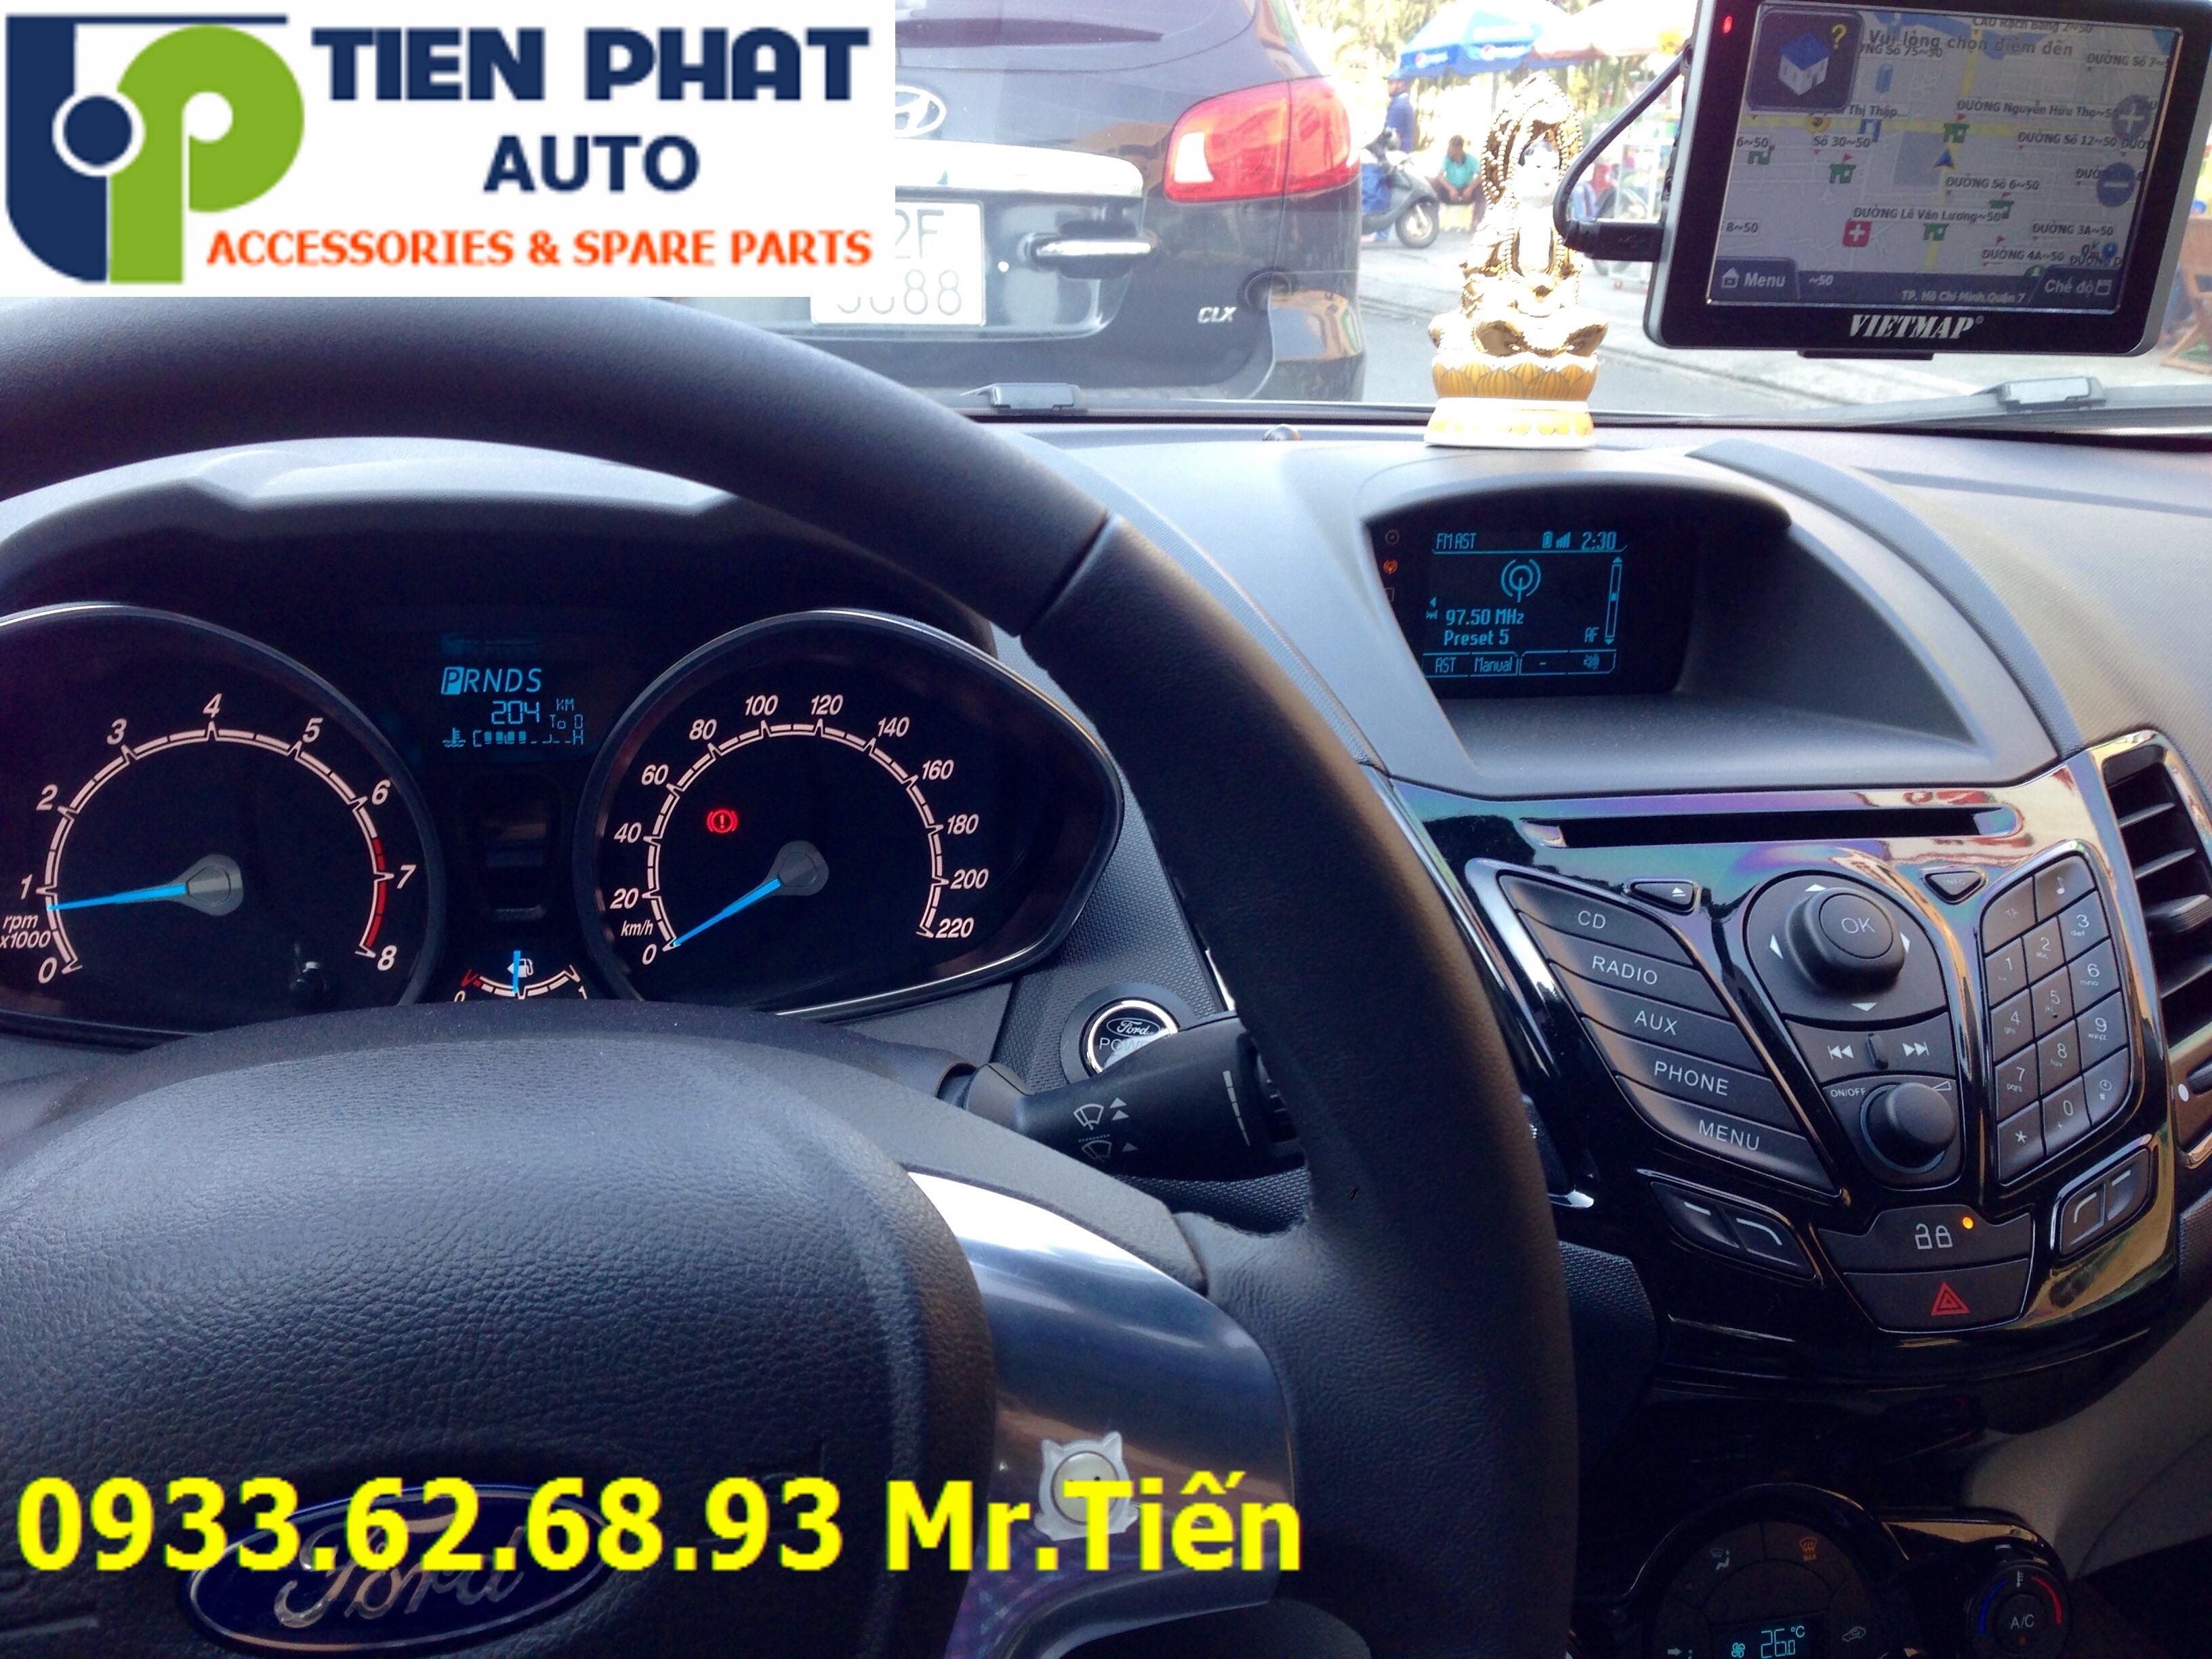 Lắp Thiết Bị Dẫn Đường (GPS) VietMap S1 Cho Xe Ô Tô Tại Bình Chánh Uy Tín Nhanh